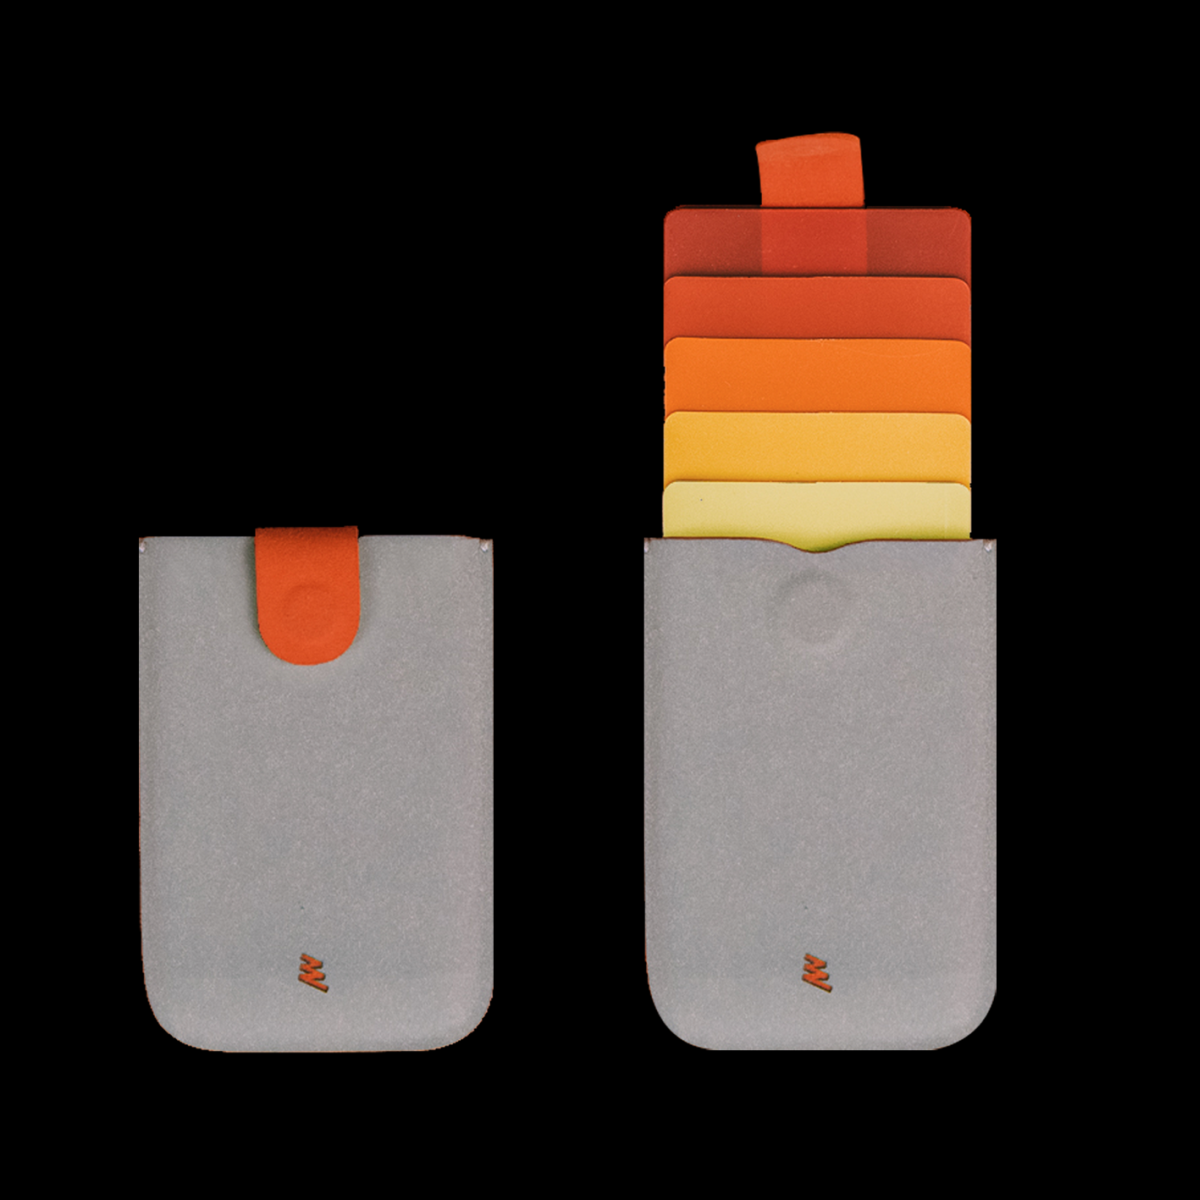 dax ארנק משיכה מינימליסטי משודרג V2.0 - אפור